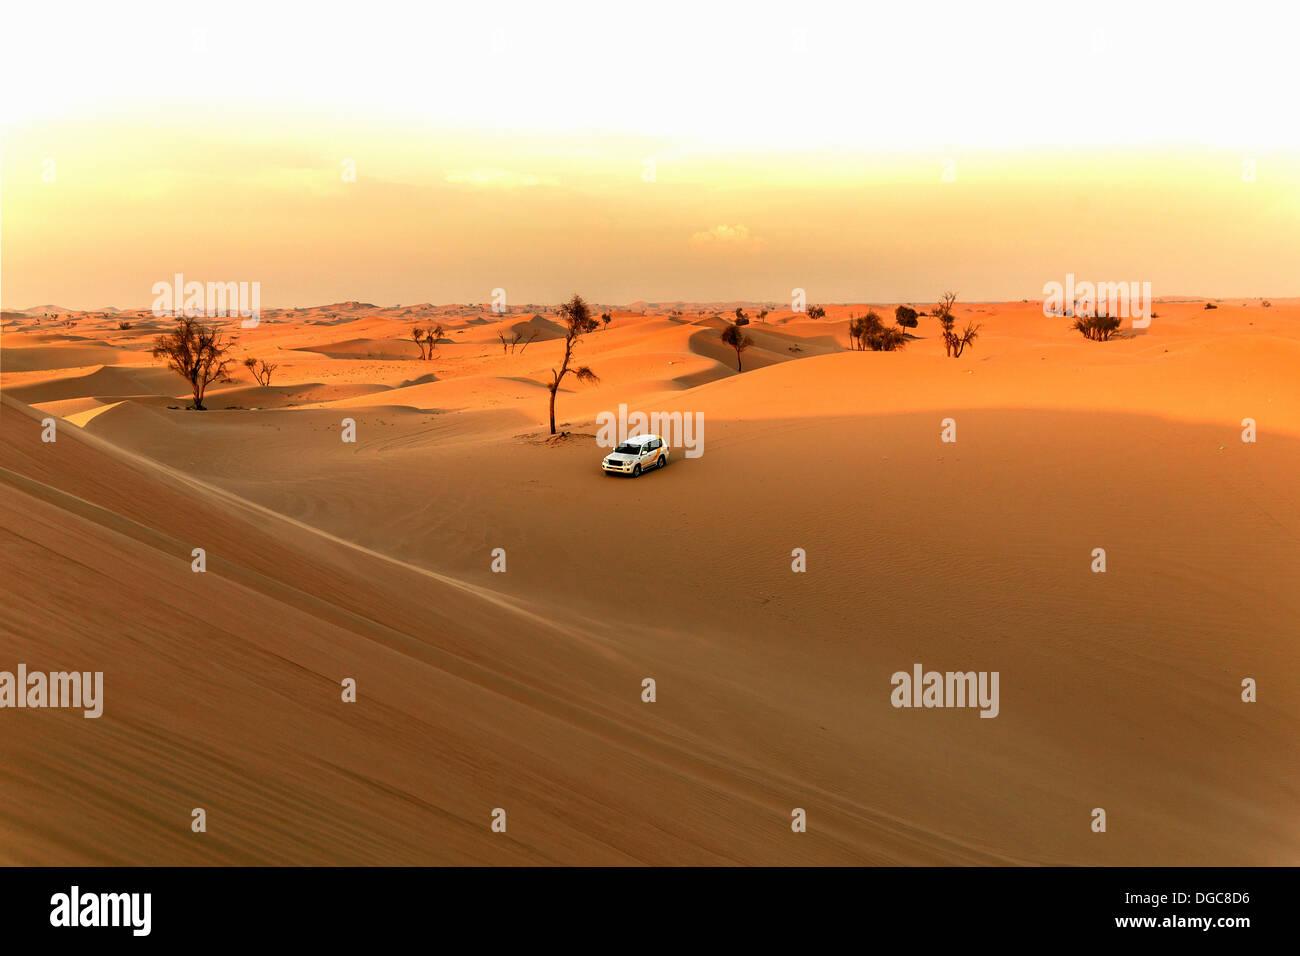 Geländewagen in der Wüste, Adu Dhabi, Vereinigte Arabische Emirate Stockbild